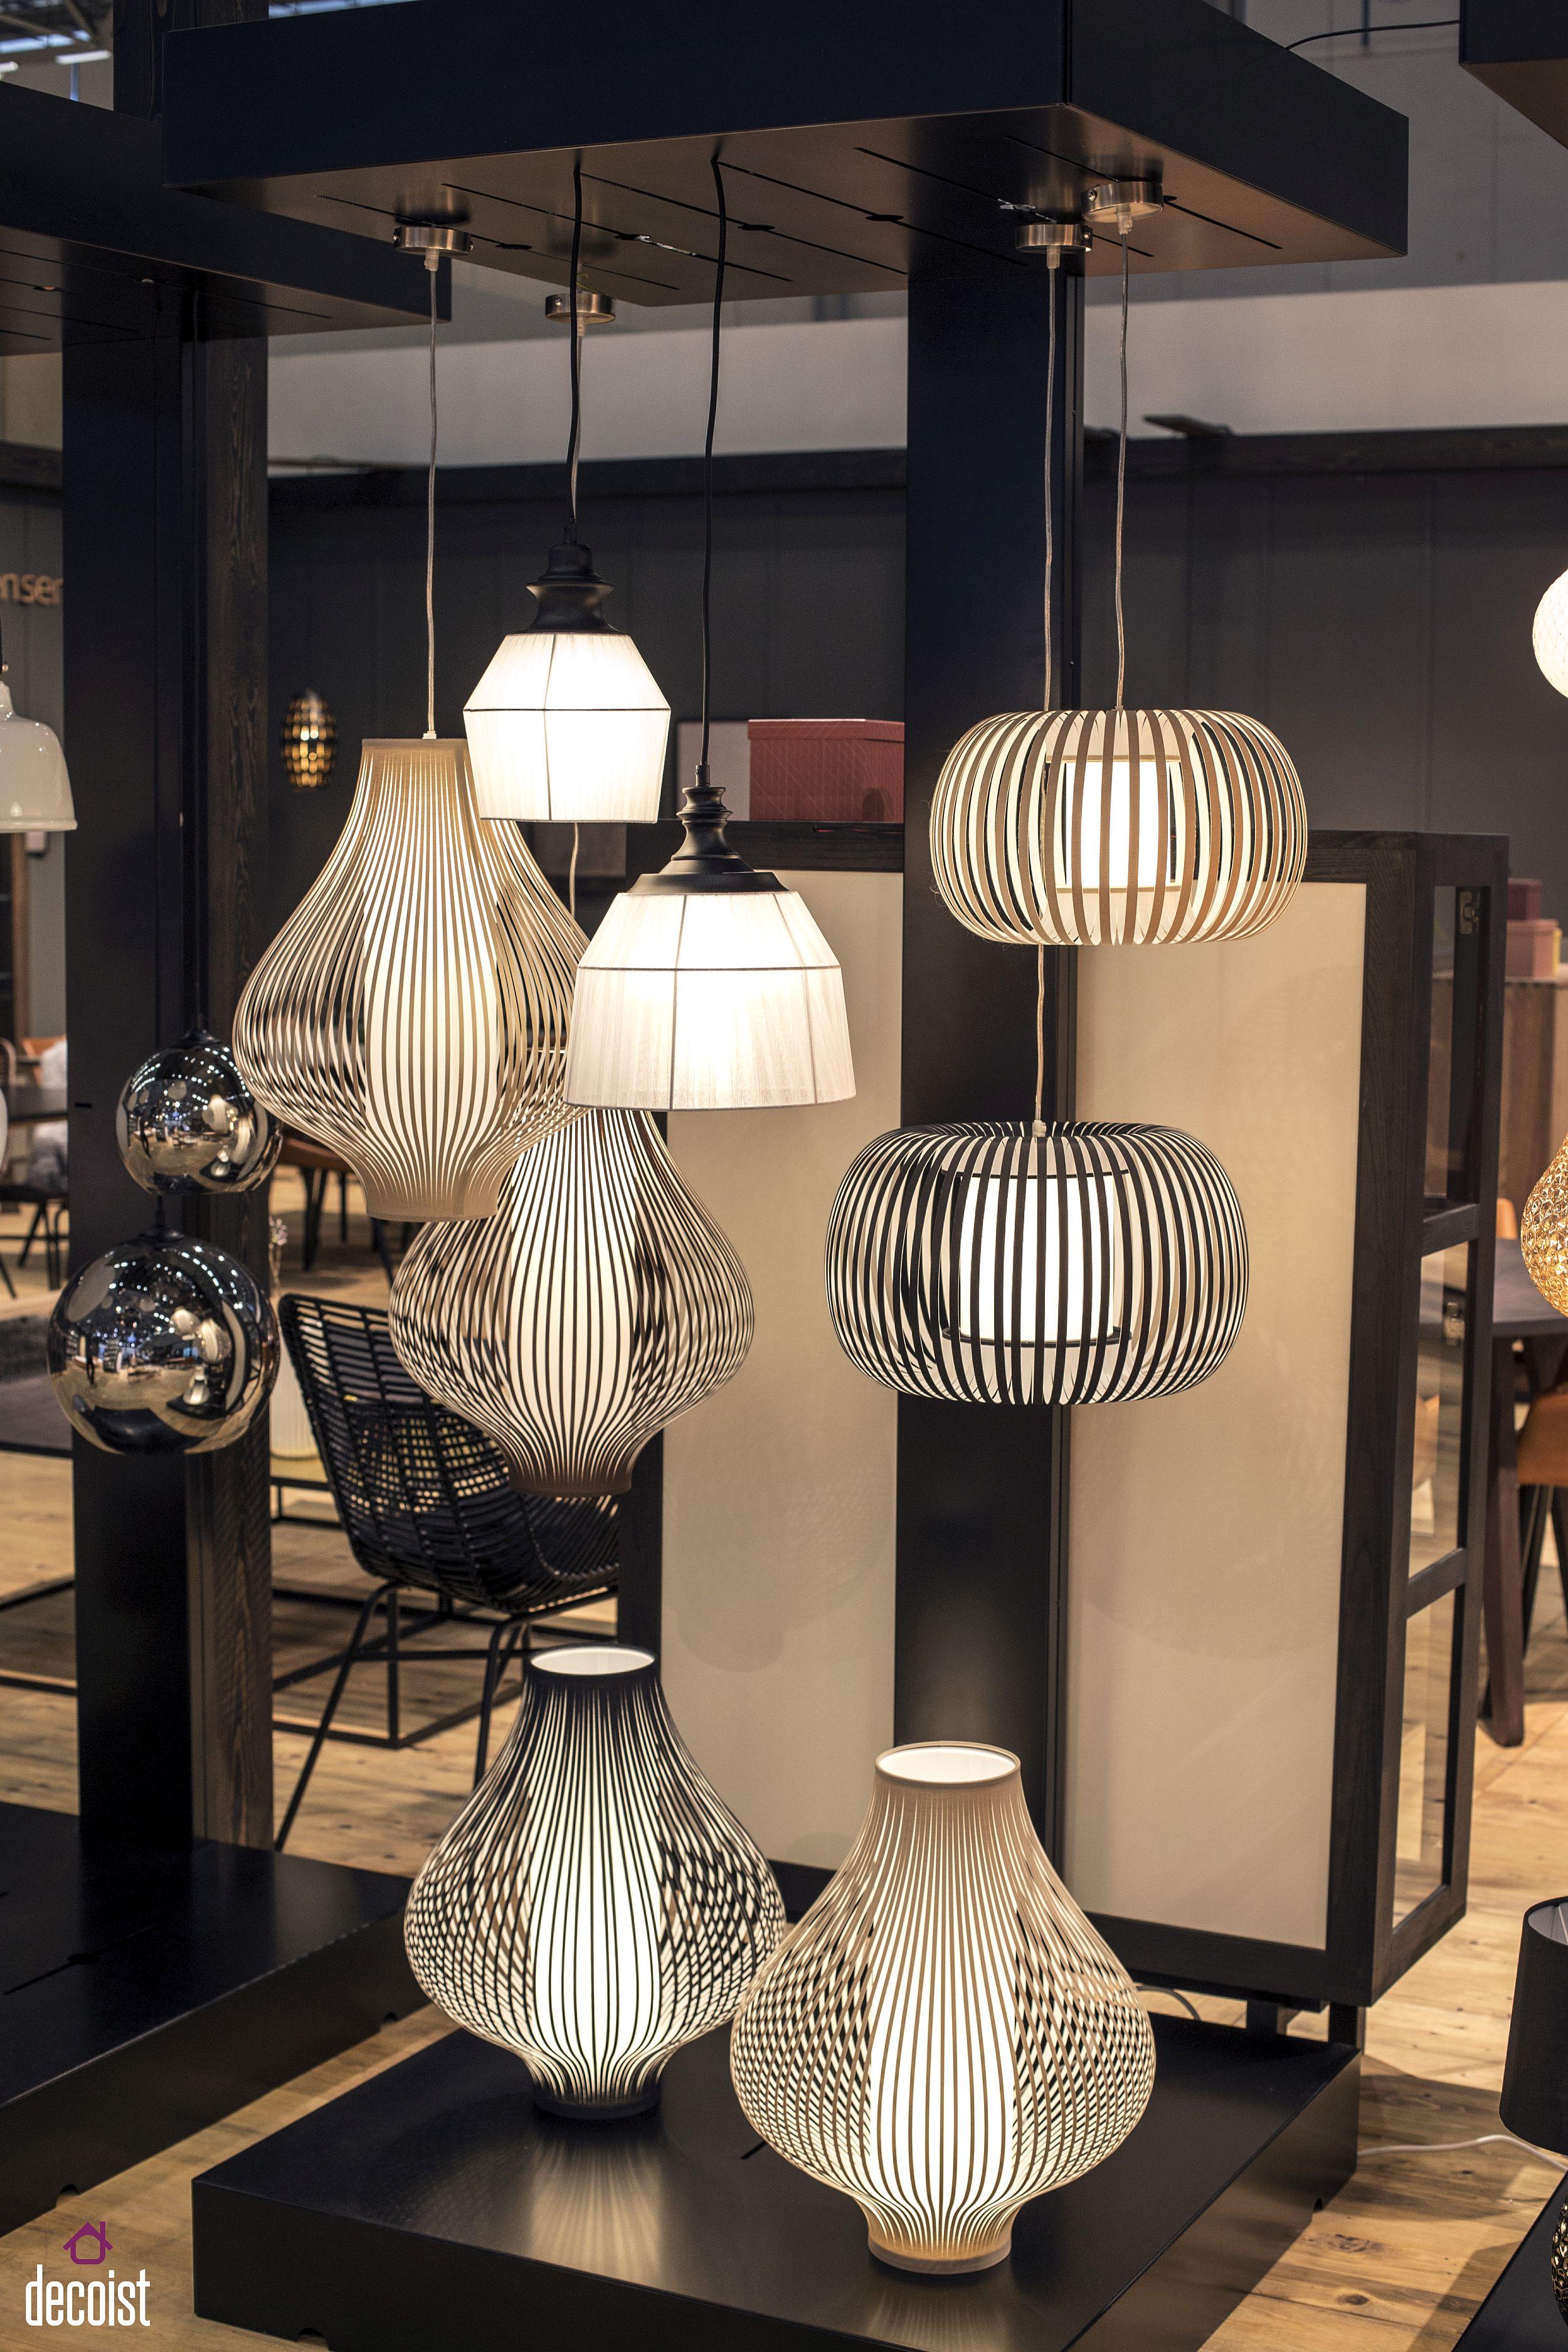 Sculptural and uber-cool pendant lights from Kristensen & Kristensen with a Scandinavian twist